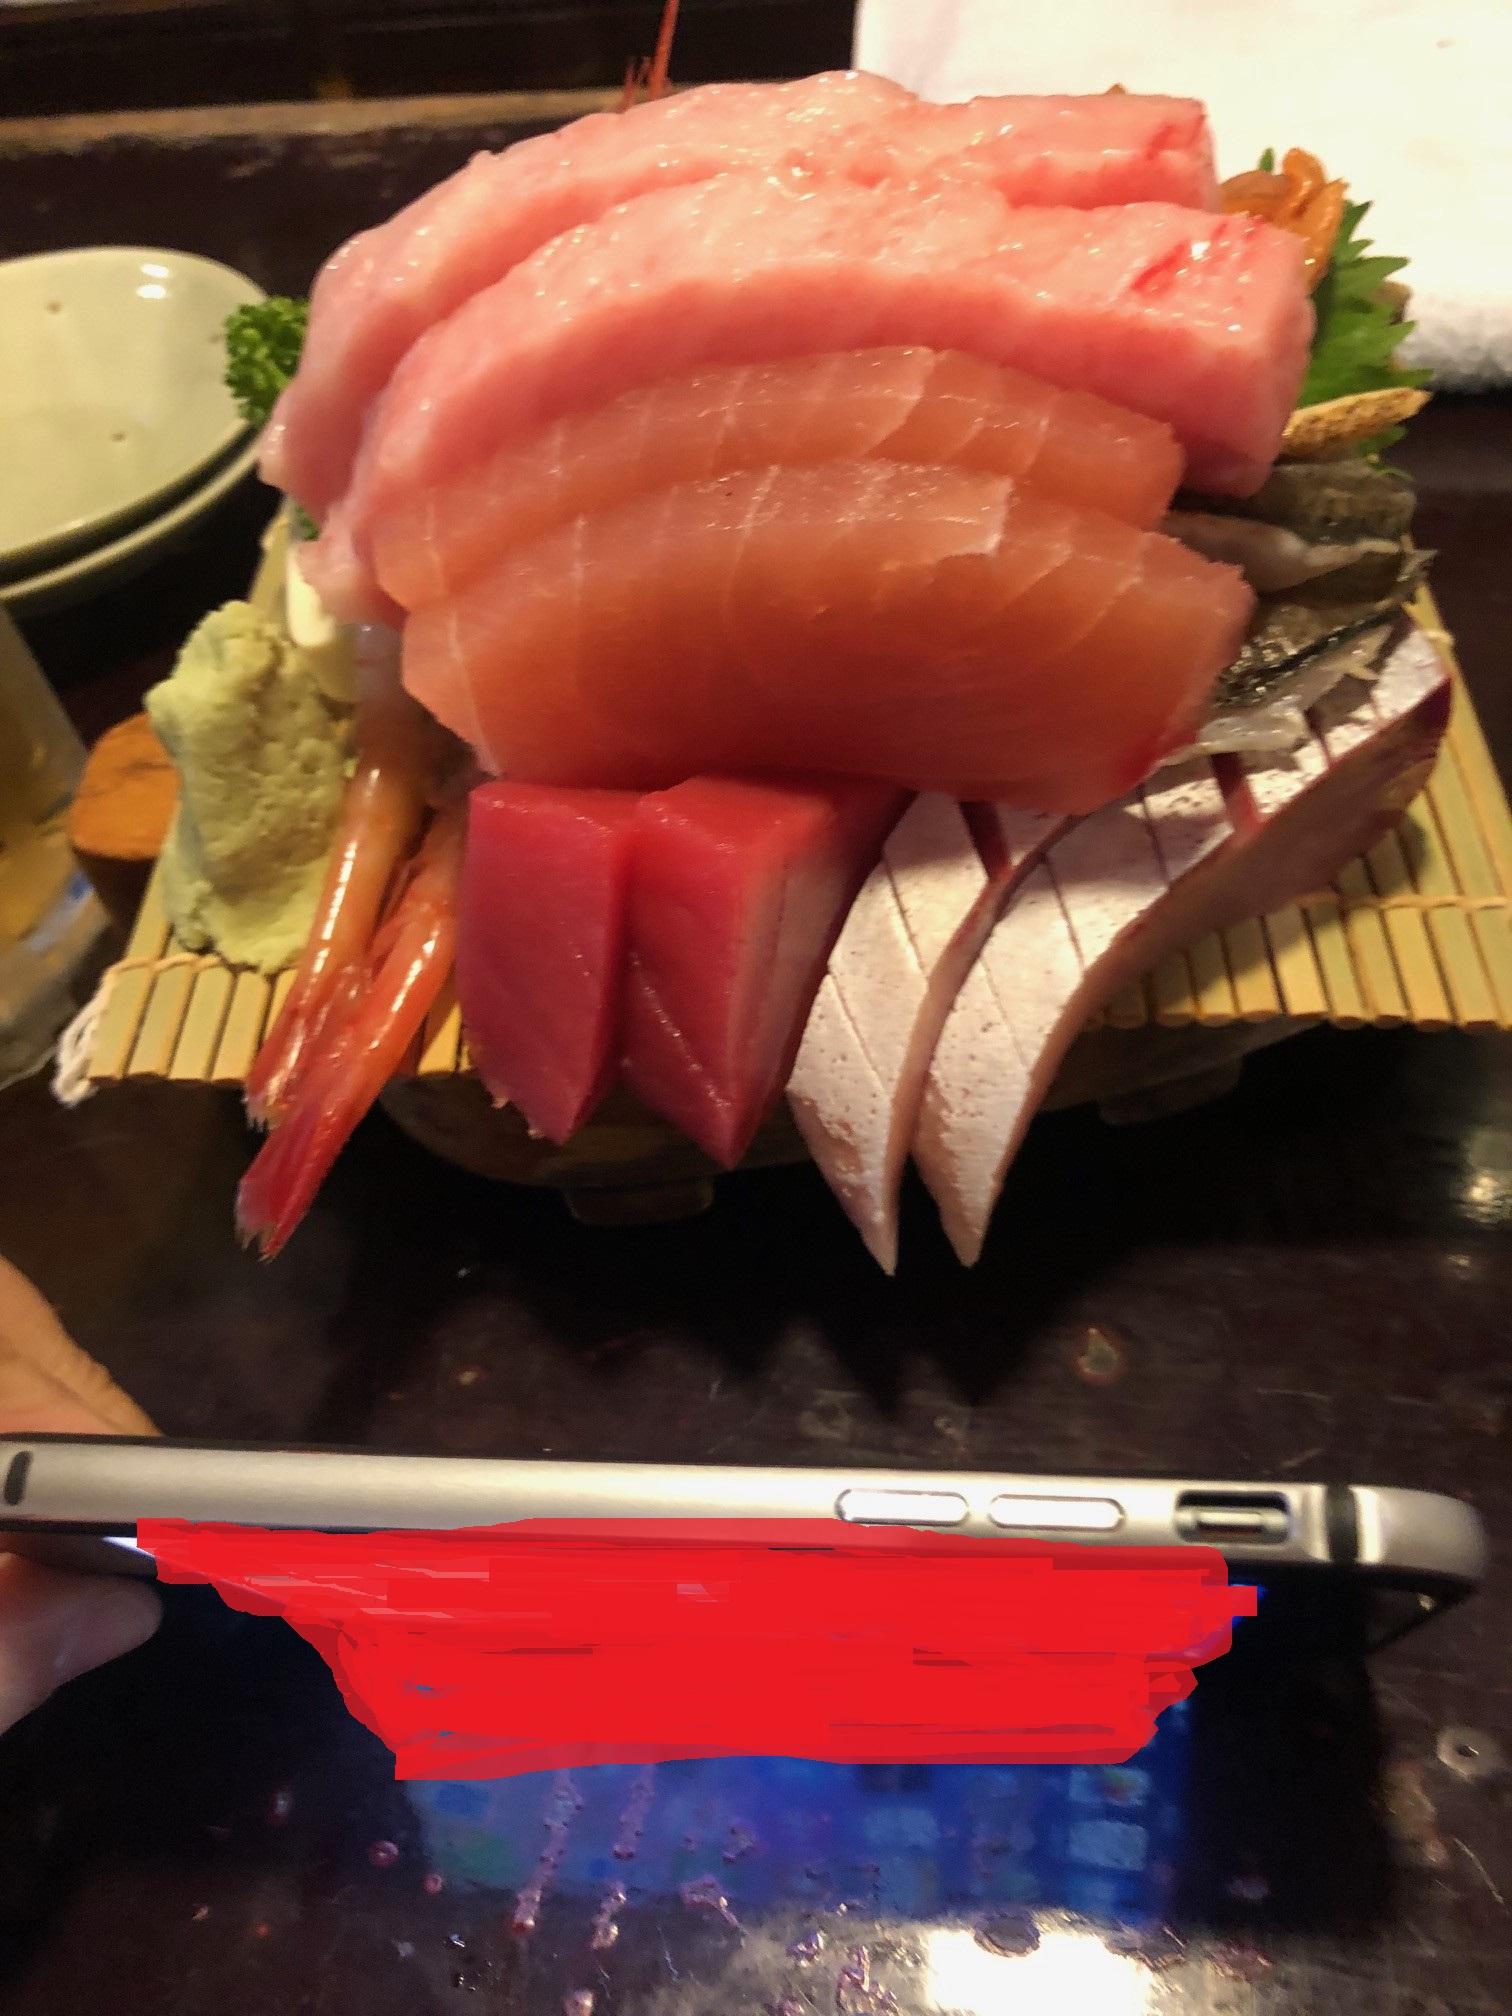 金沢転勤歴5年の僕が選ぶ最高の居酒屋、とっくりや ~刺身、のどぐろ、カニ、白えび、金沢の最高の海の幸、料理を味わえるお店!!予約必須の超人気店!!~